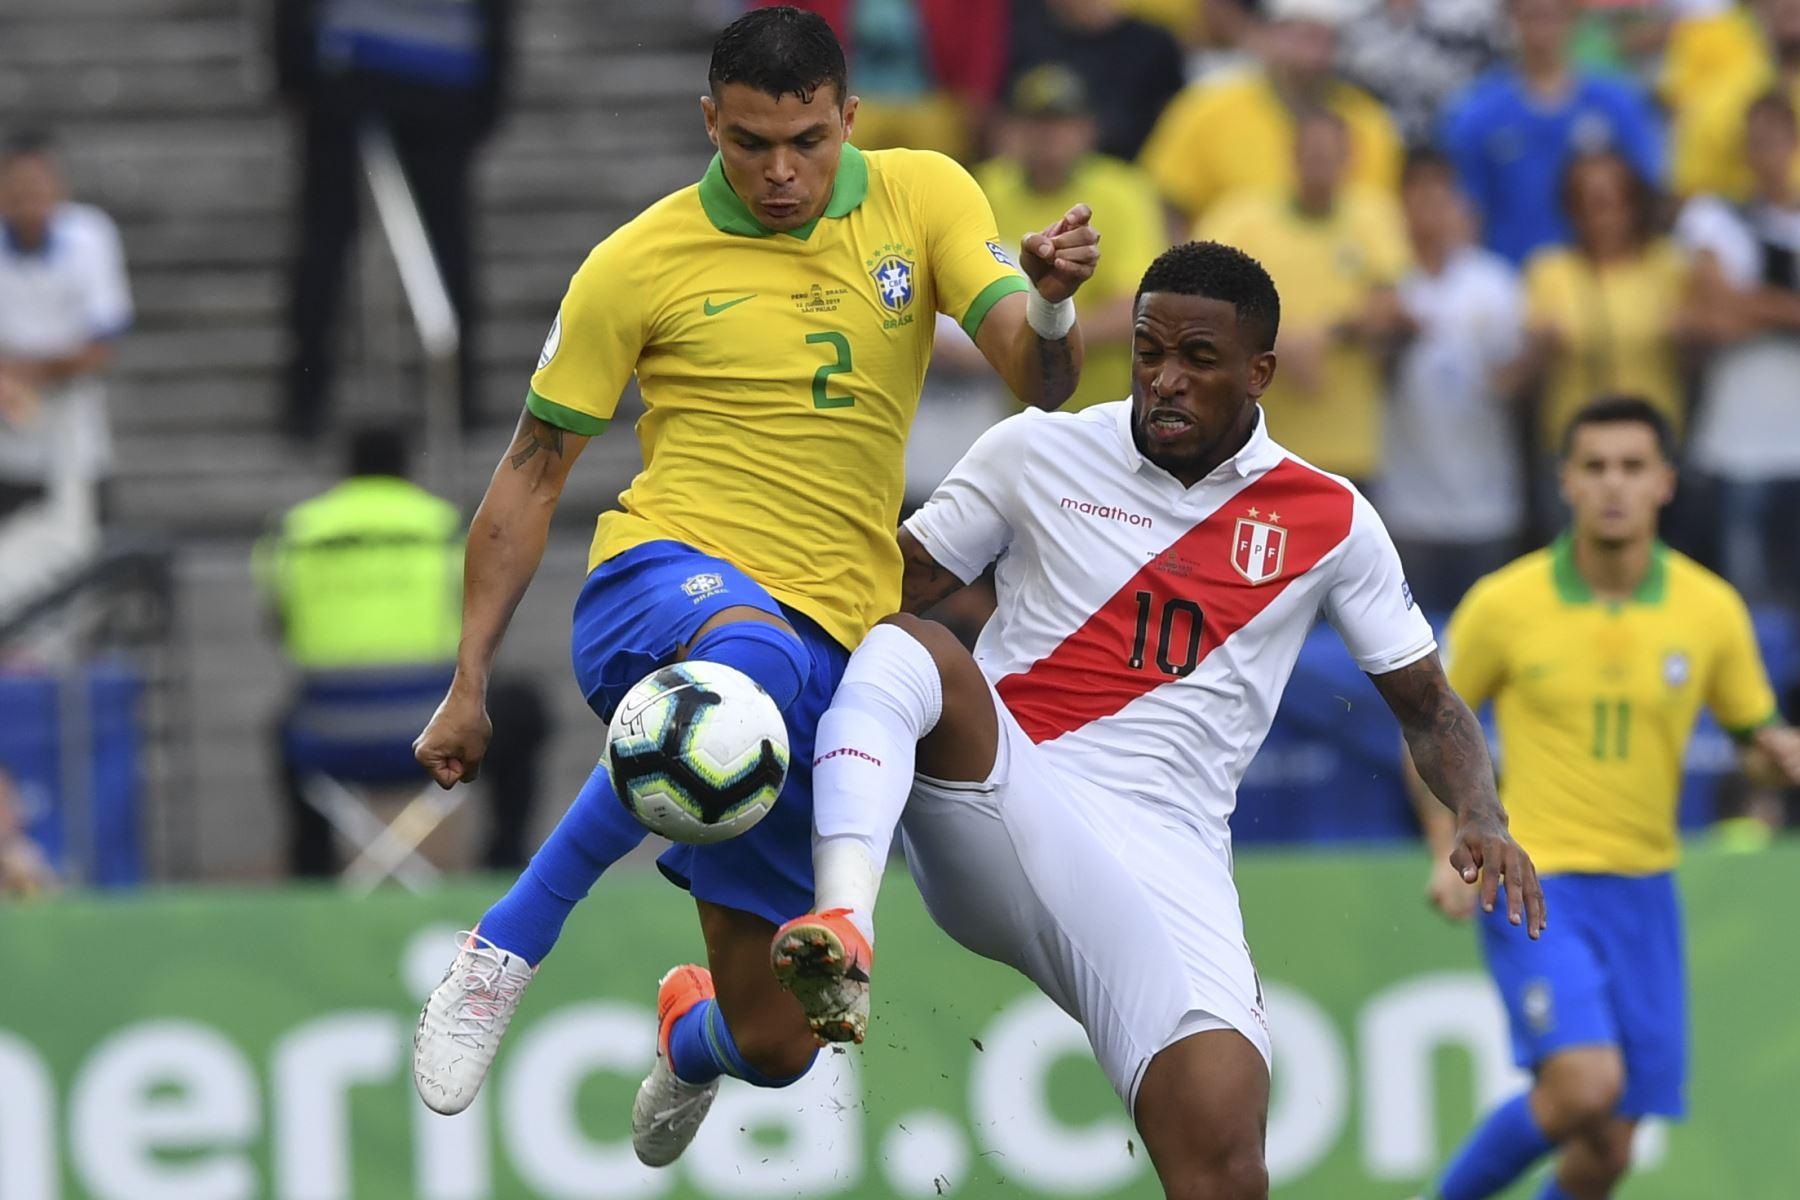 El brasileño Thiago Silva (L) y el peruano Jefferson Farfan compiten por el balón durante su partido de torneo de fútbol de la Copa América. Foto:AFP